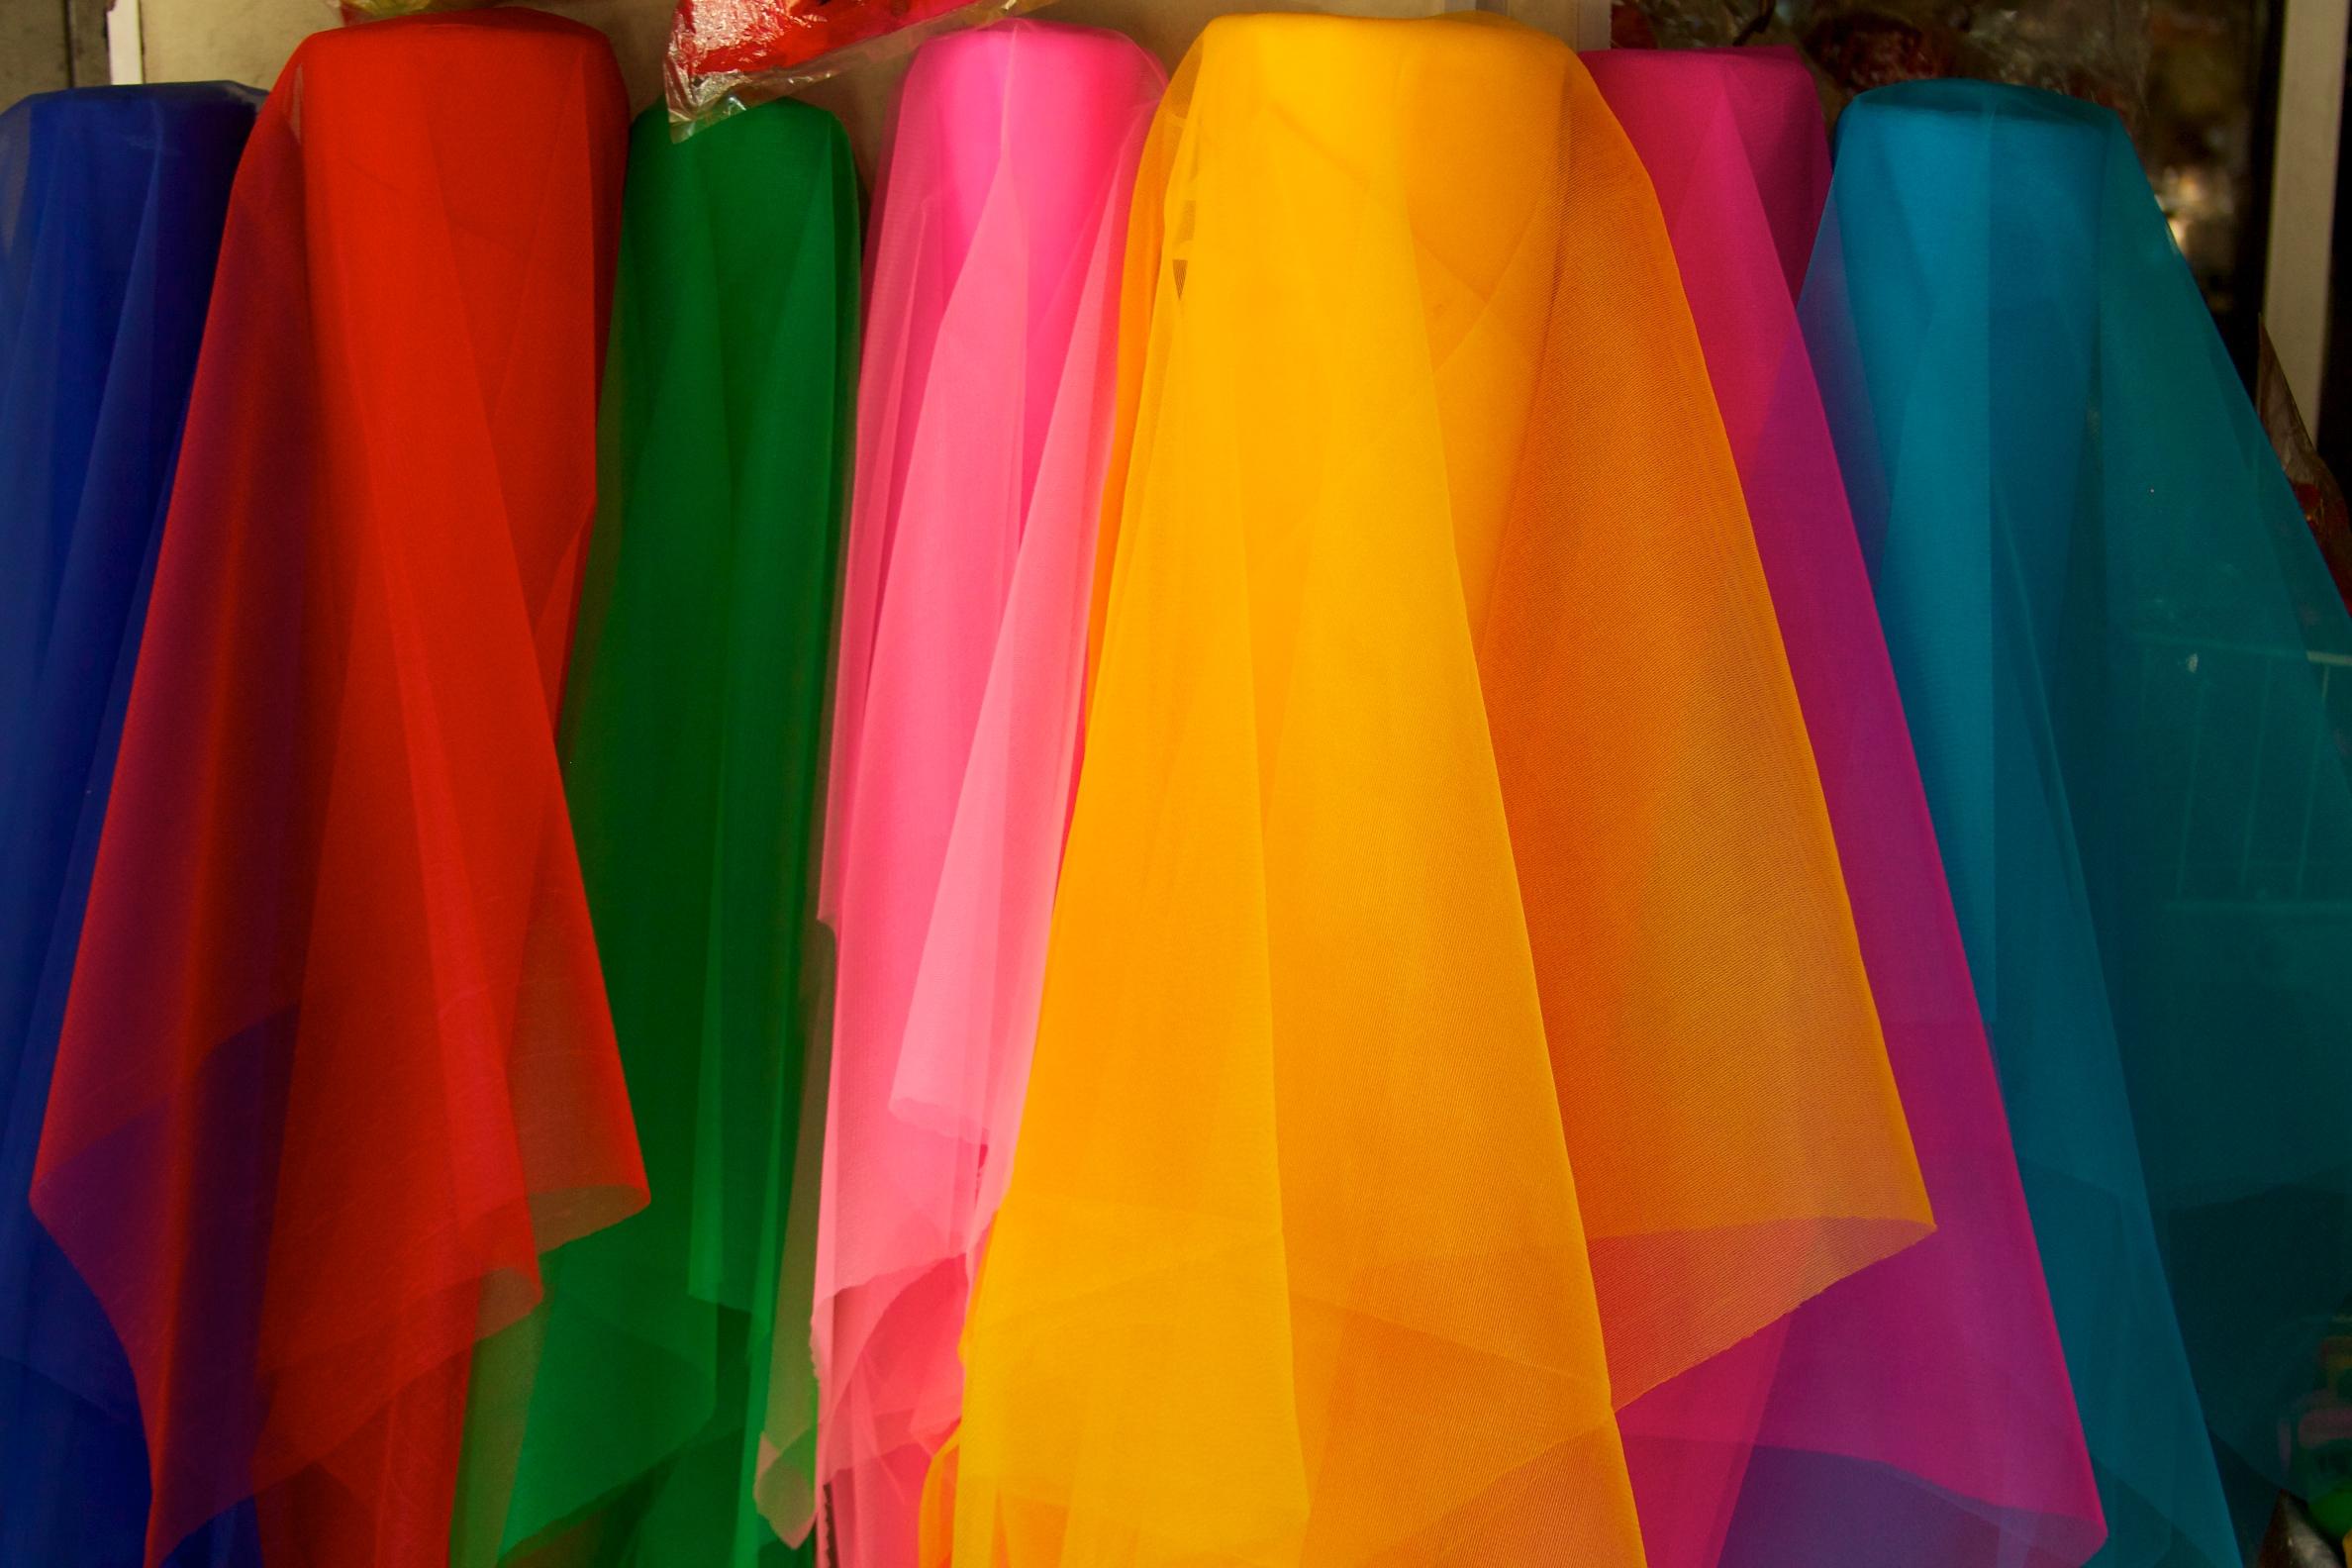 Textil nagykereskedés Budapest több körzetében is